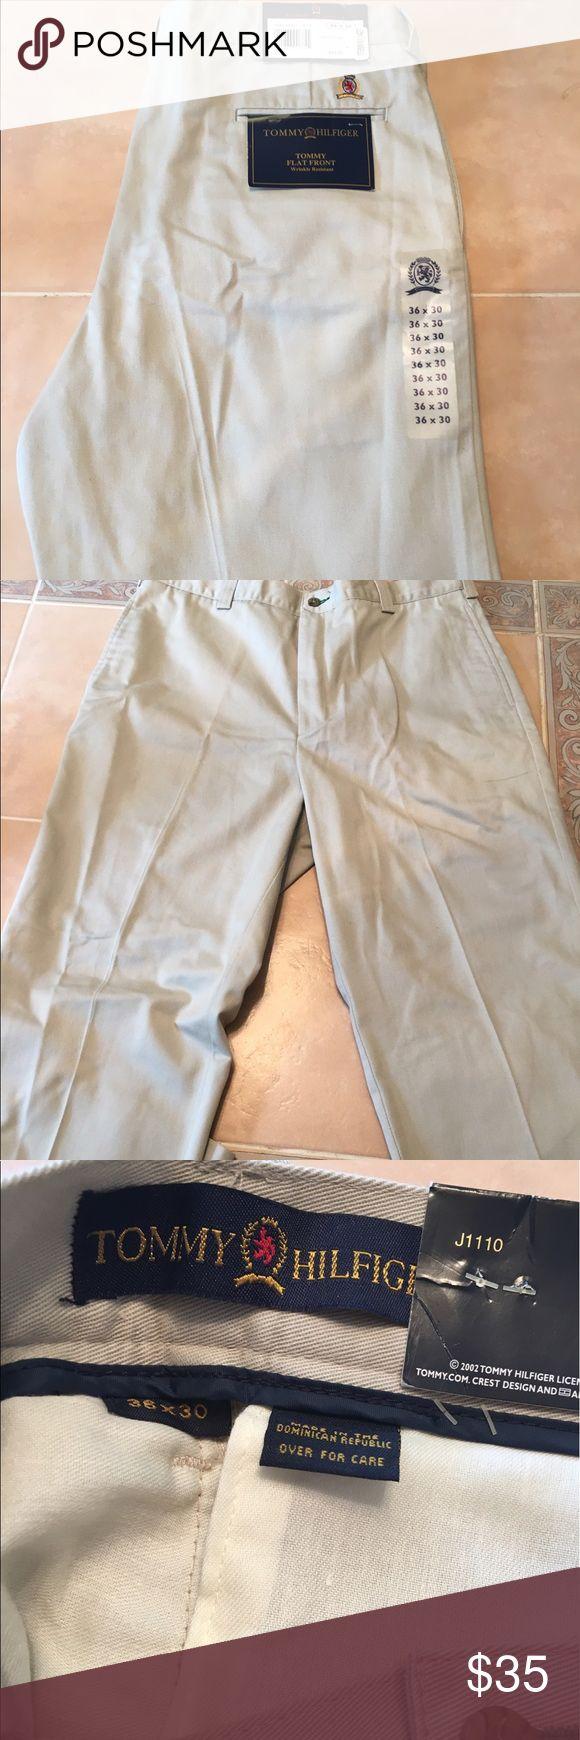 NWT Tommy Hilfiger khaki pants 36x30 Tommy Hilfiger khaki pants size 36x30 Tommy Hilfiger Pants Chinos & Khakis